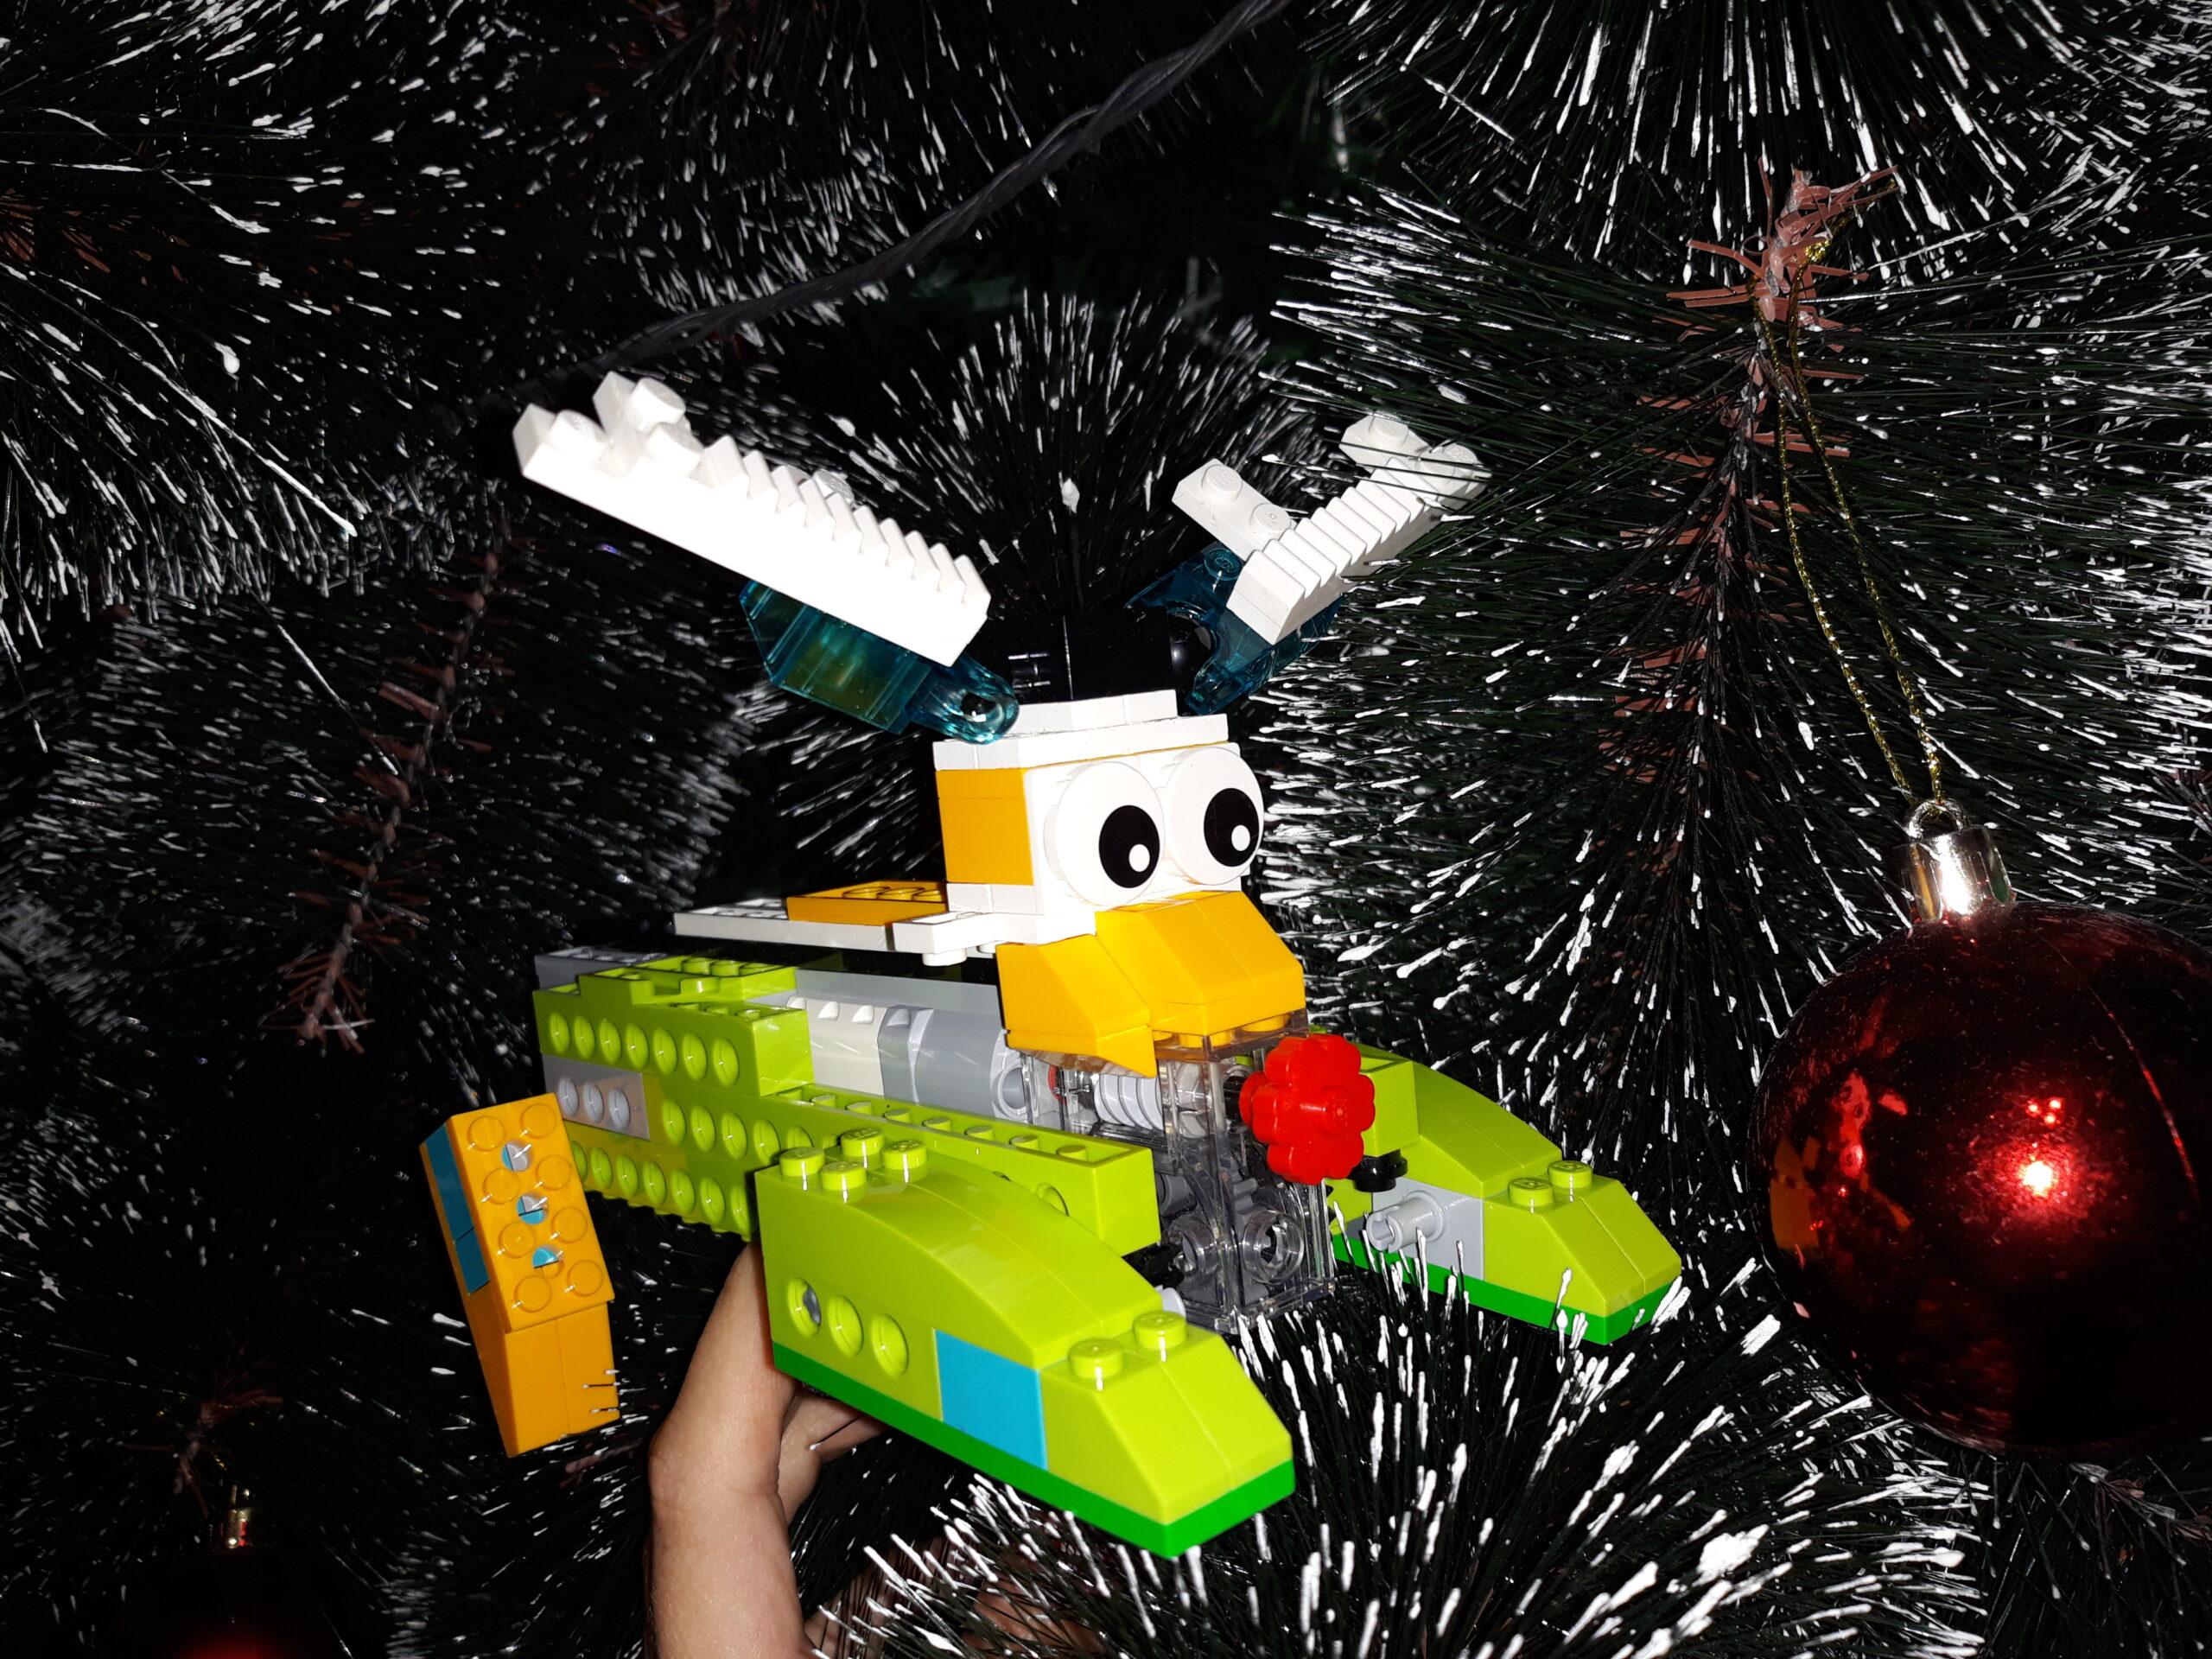 Инструкция по сборке из набора LEGO Education WeDo 2.0 Олень Свен 2